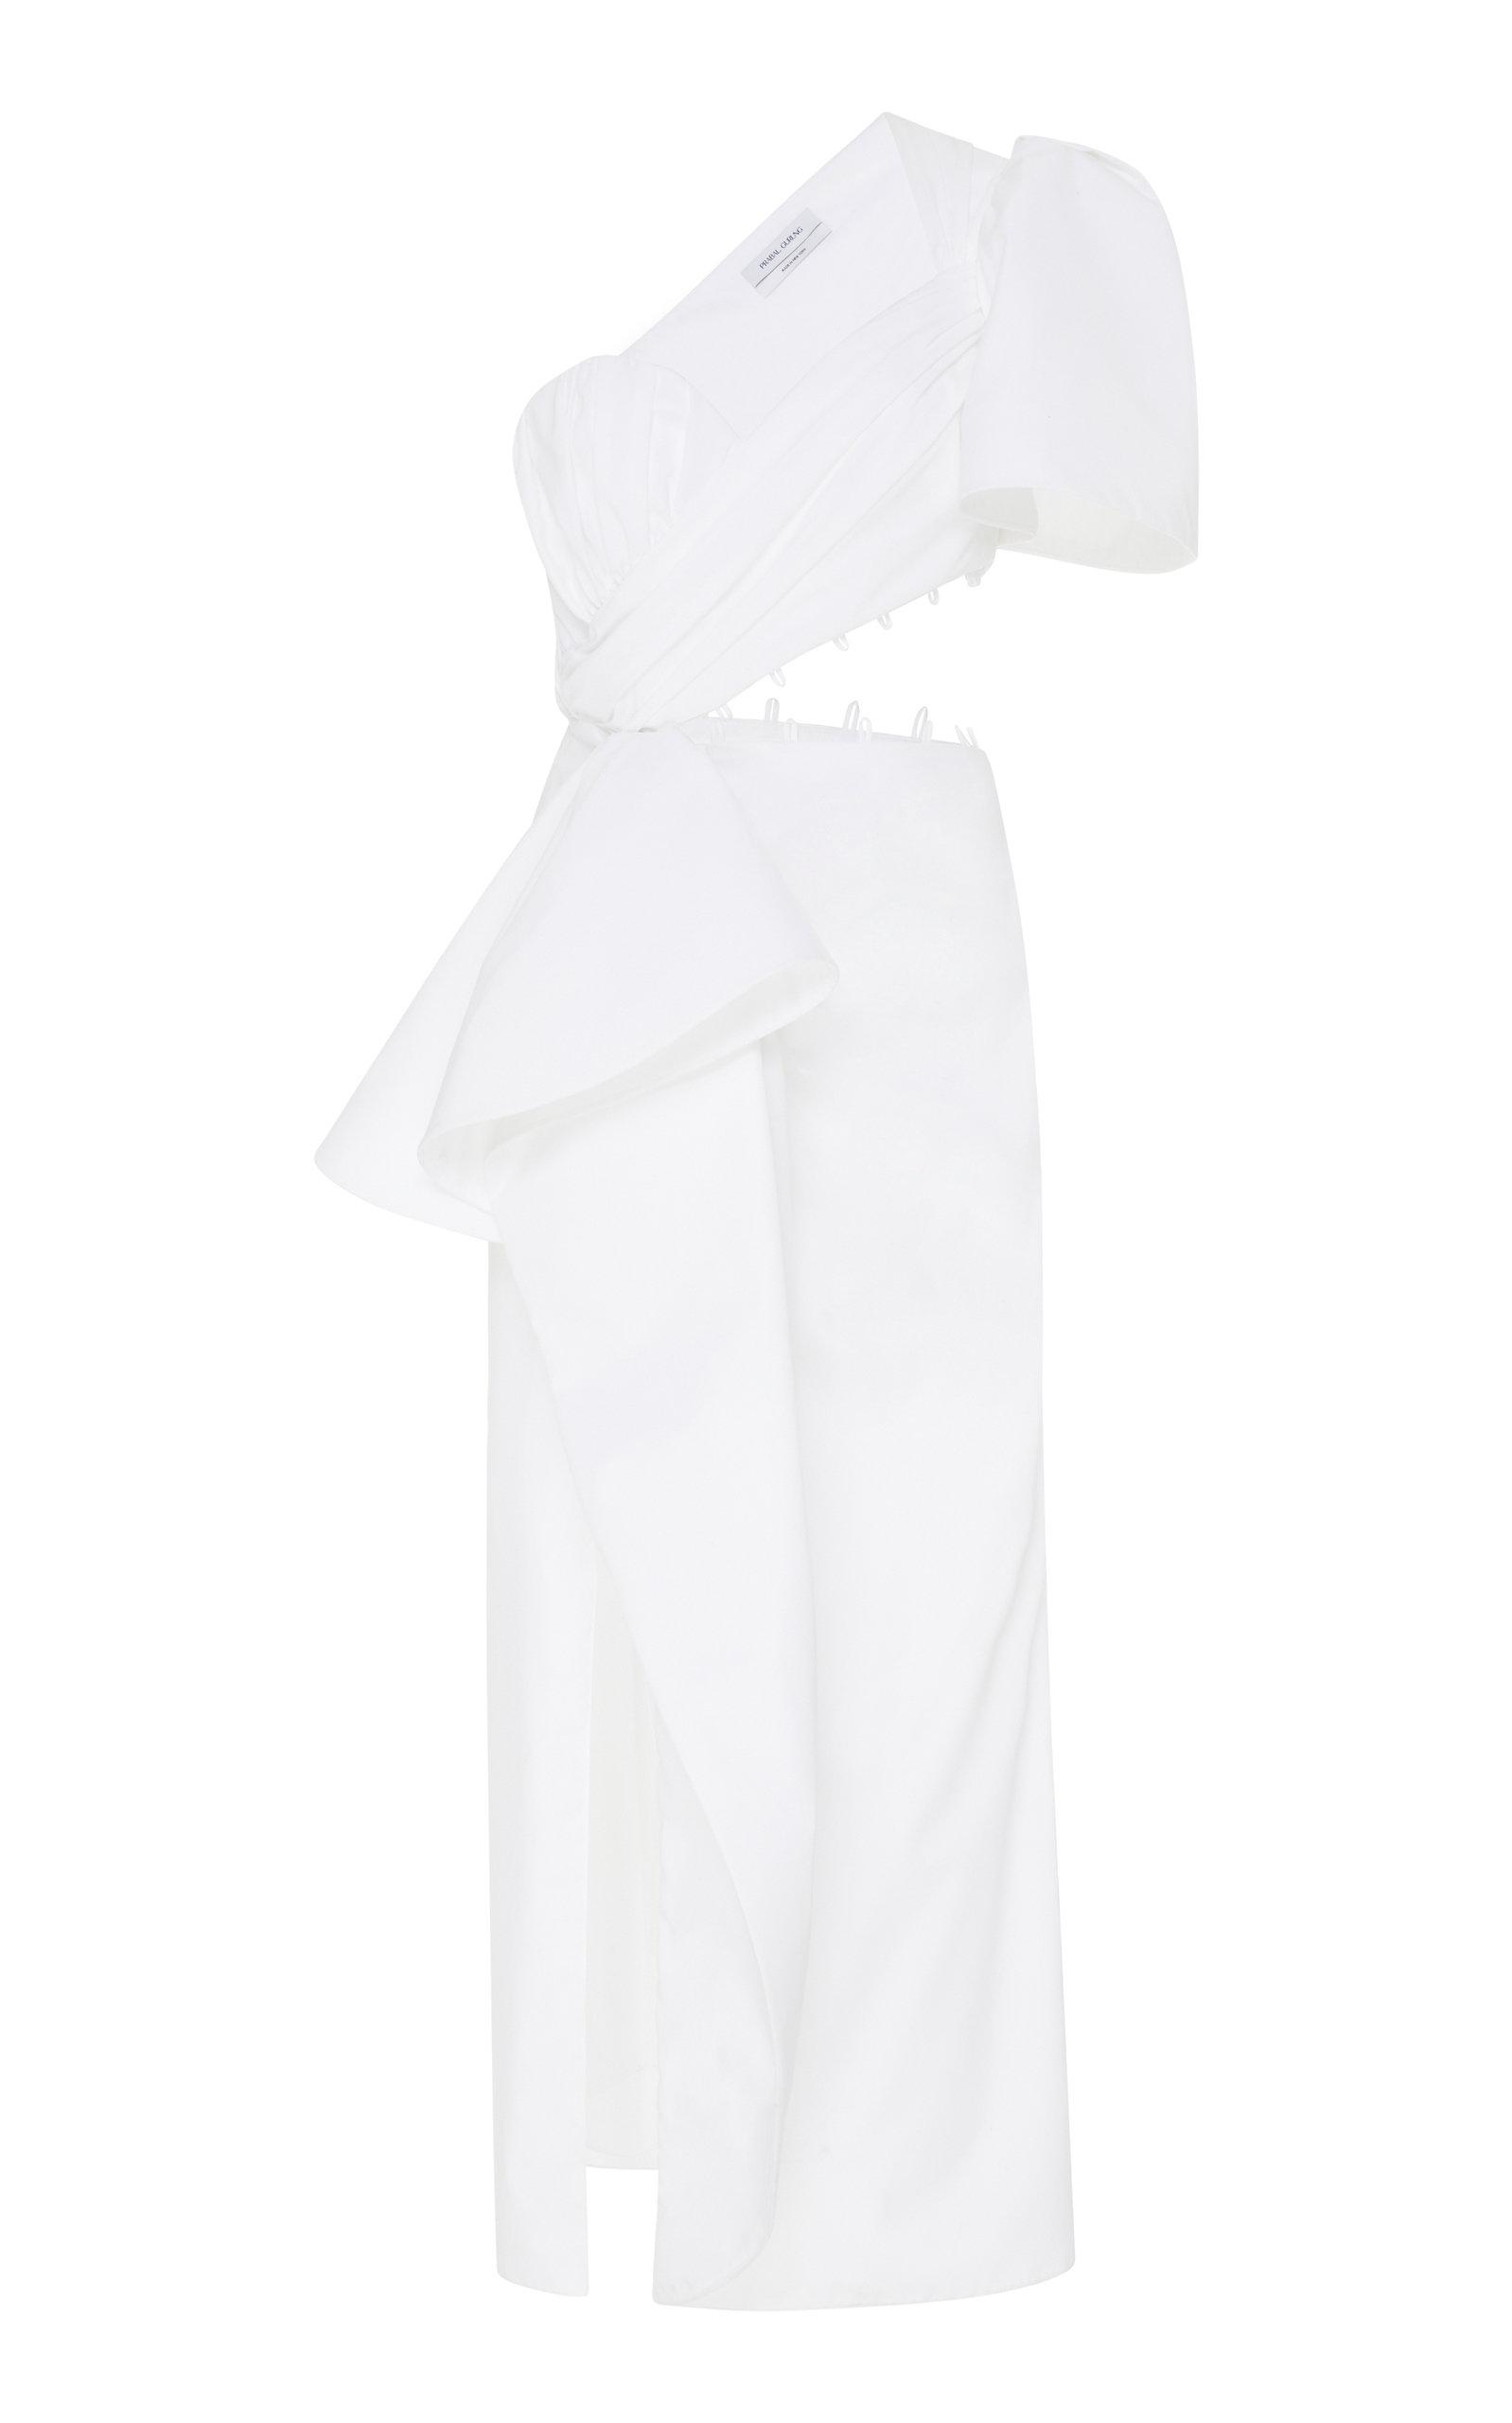 Buy Prabal Gurung One-Shoulder Cotton-Blend Cutout Dress online, shop Prabal Gurung at the best price